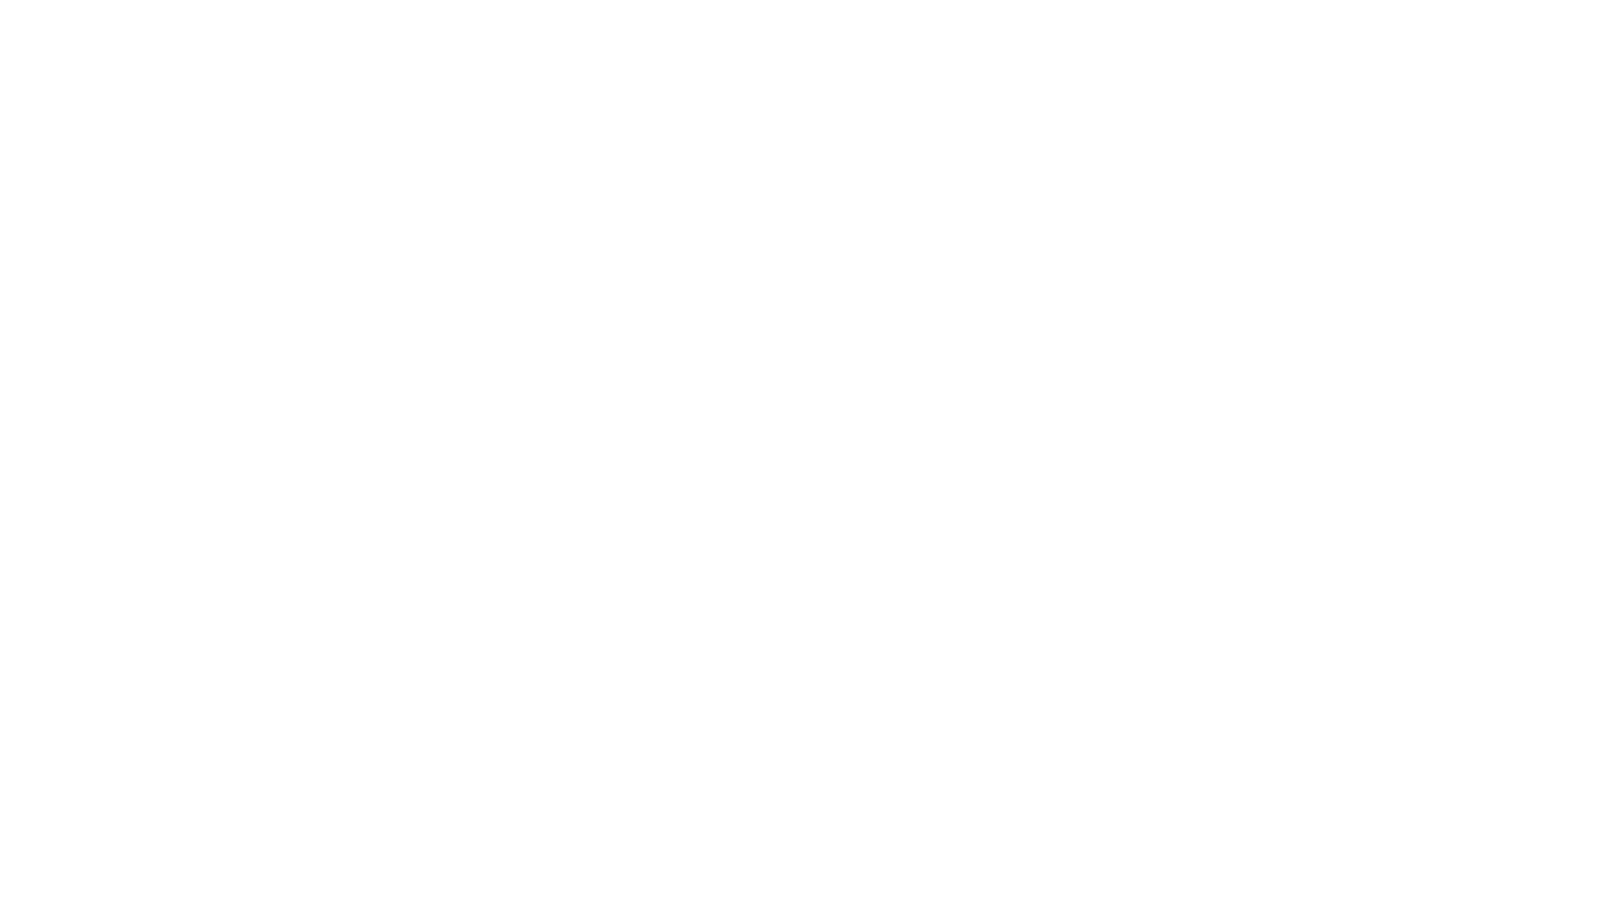 Hernán Calderón conversa con Héctor Tejada, presidente de ASOF (Asociación Nacional de Ferias Libres de Chile) y Paola Morales, tesorera nacional de ASOF. Ellos nos comentan de las carencias, tardanzas y ayudas que han recibido para poder trabajar durante la pandemia.